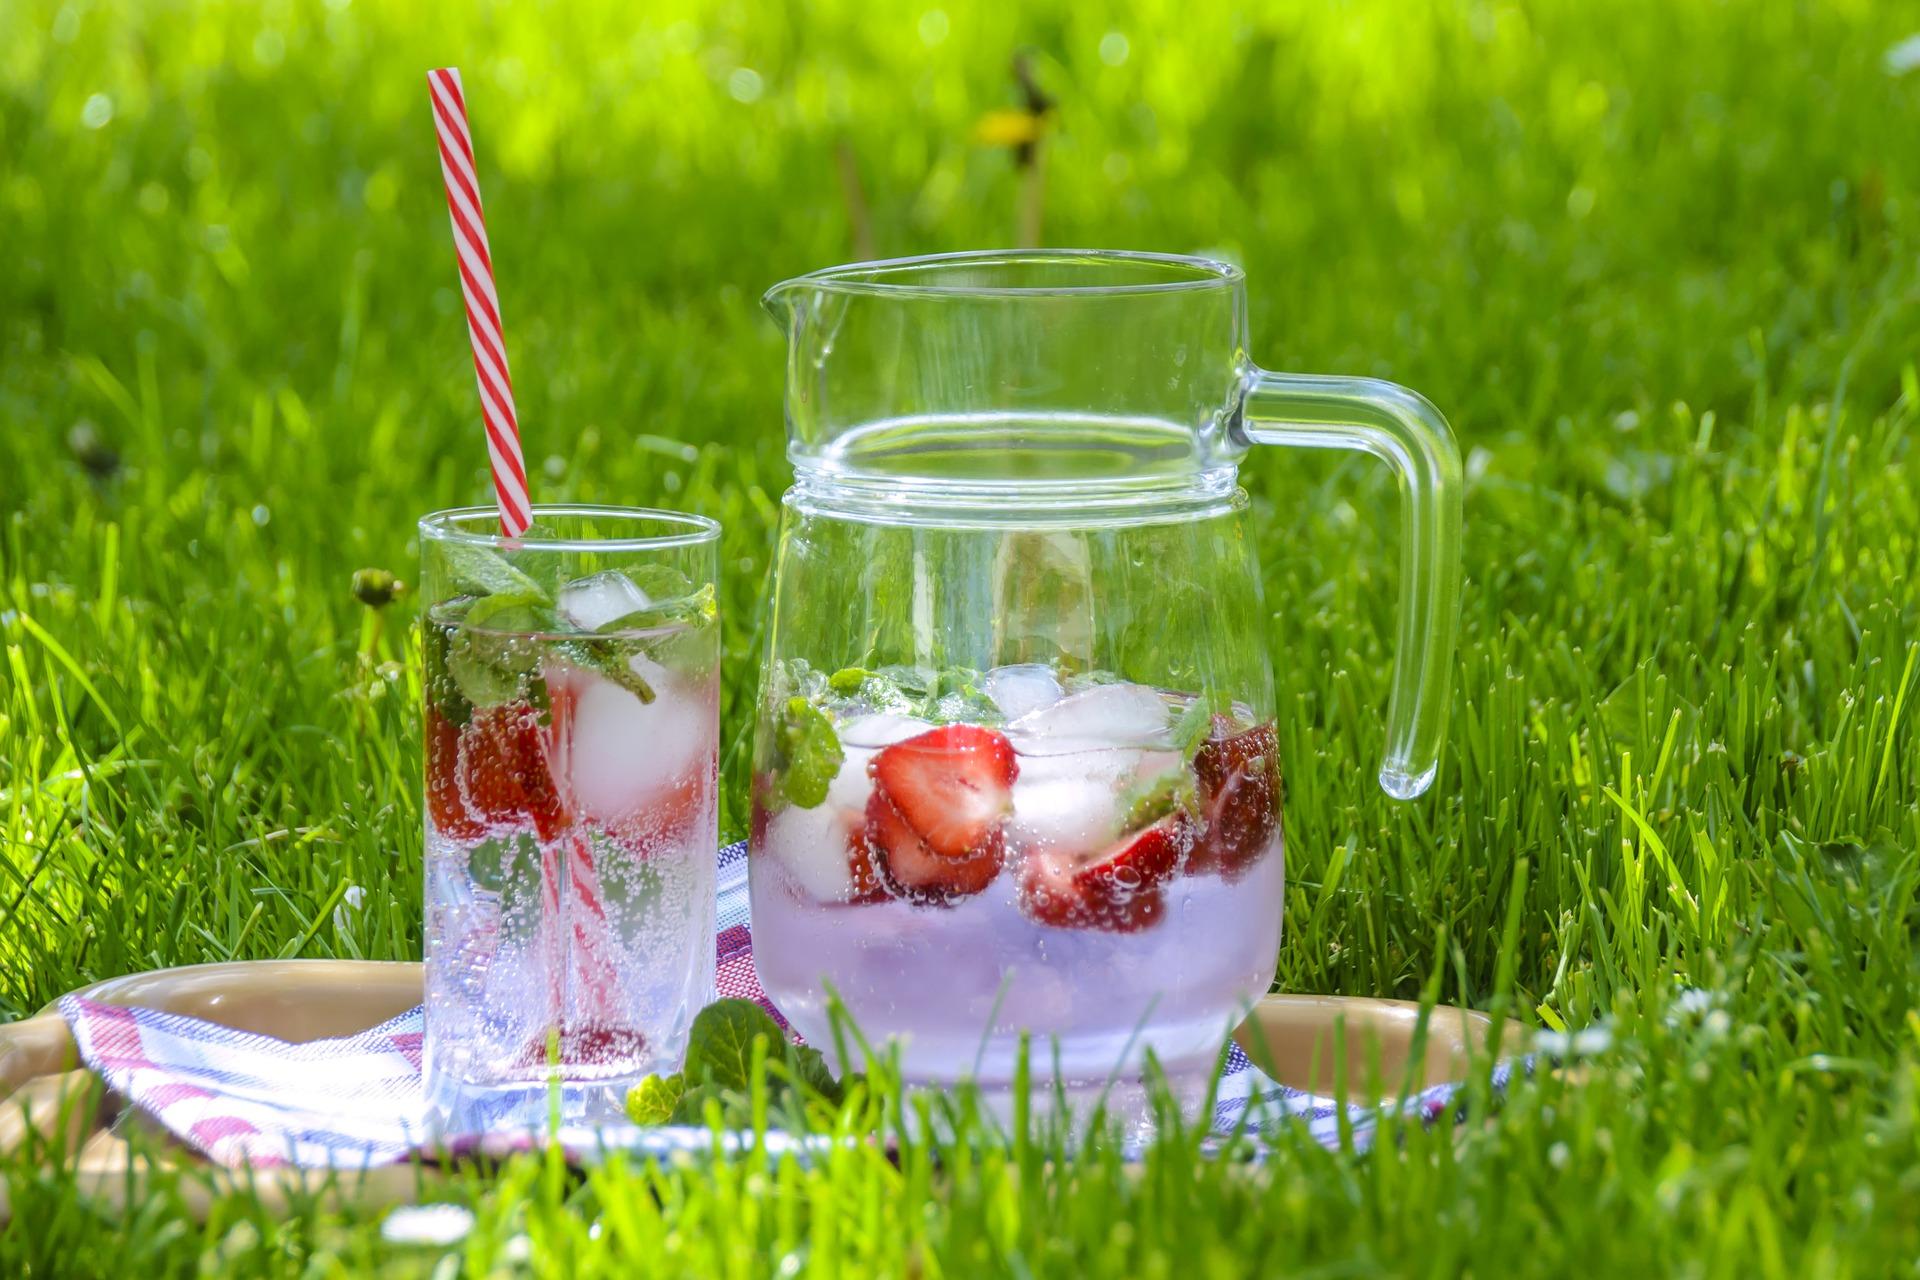 apa calda sau apa rece - sfatulparintilor.ro - pixabay_com - strawberry-drink-1412313_1920